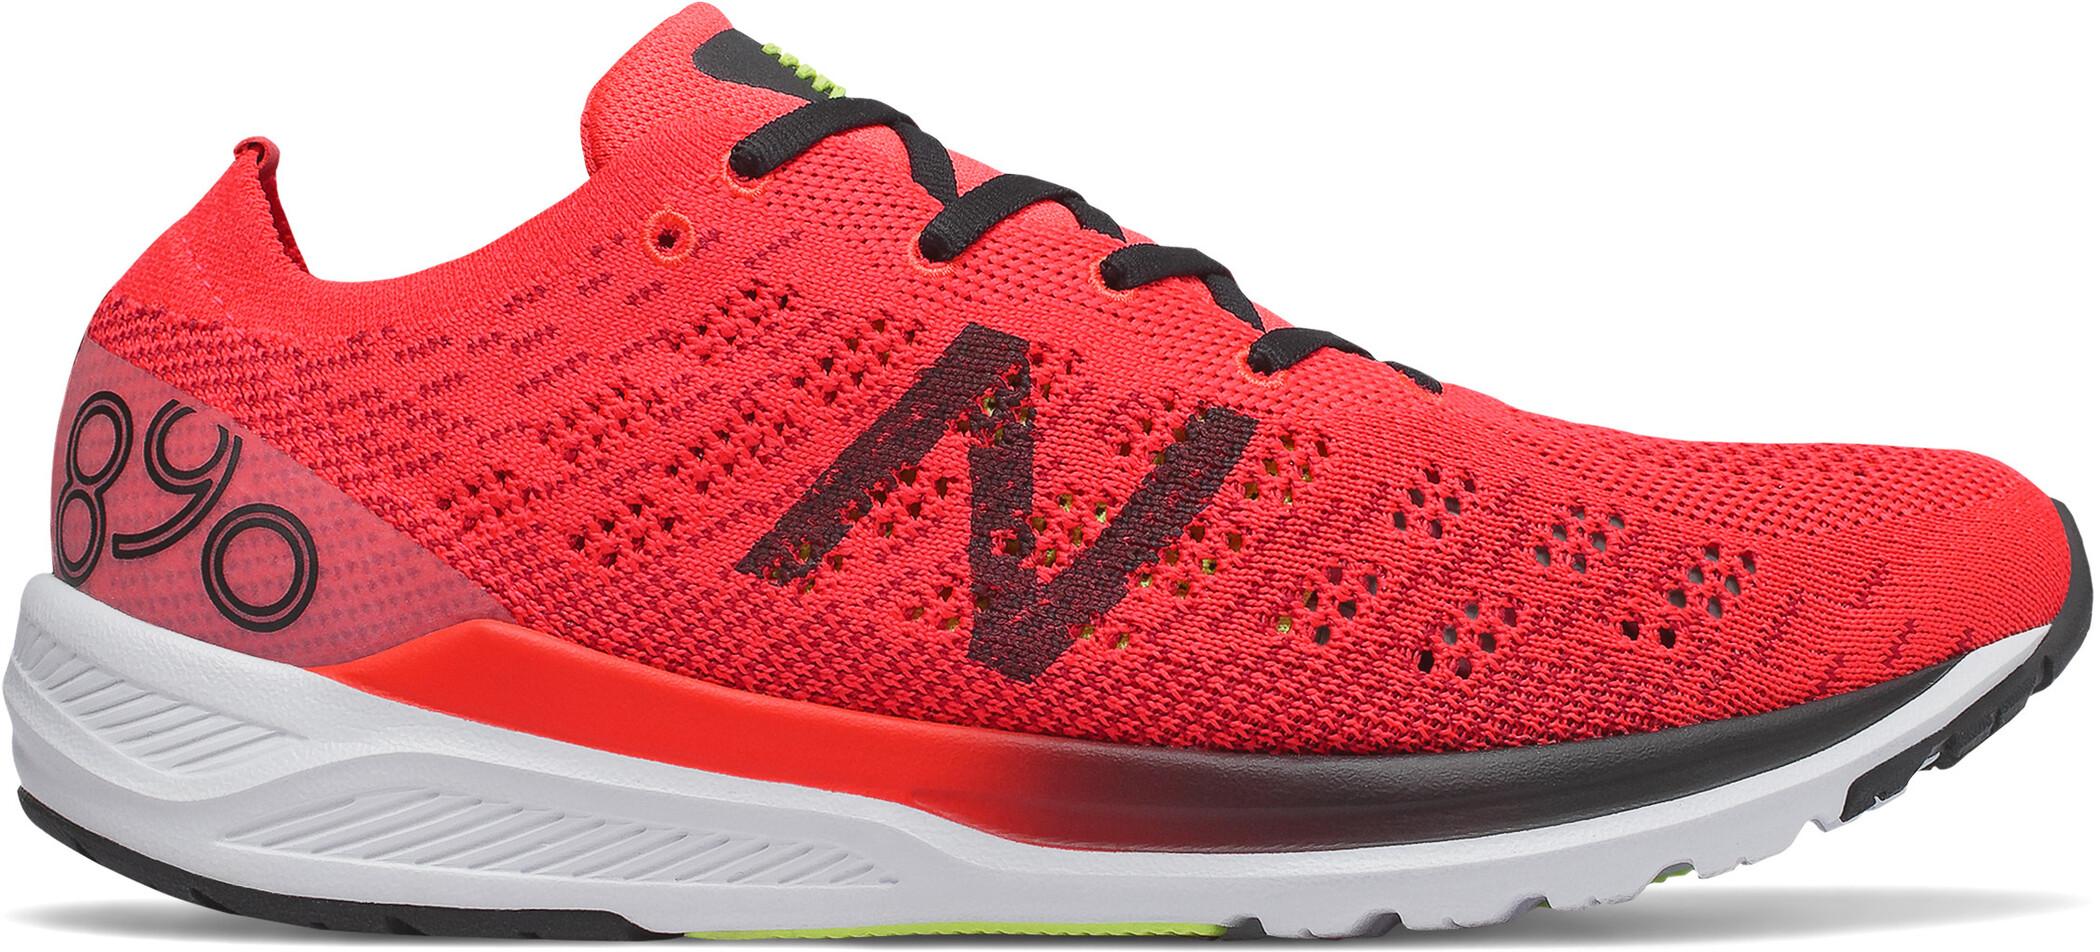 New Balance 890 V7 Schuhe Herren red/black